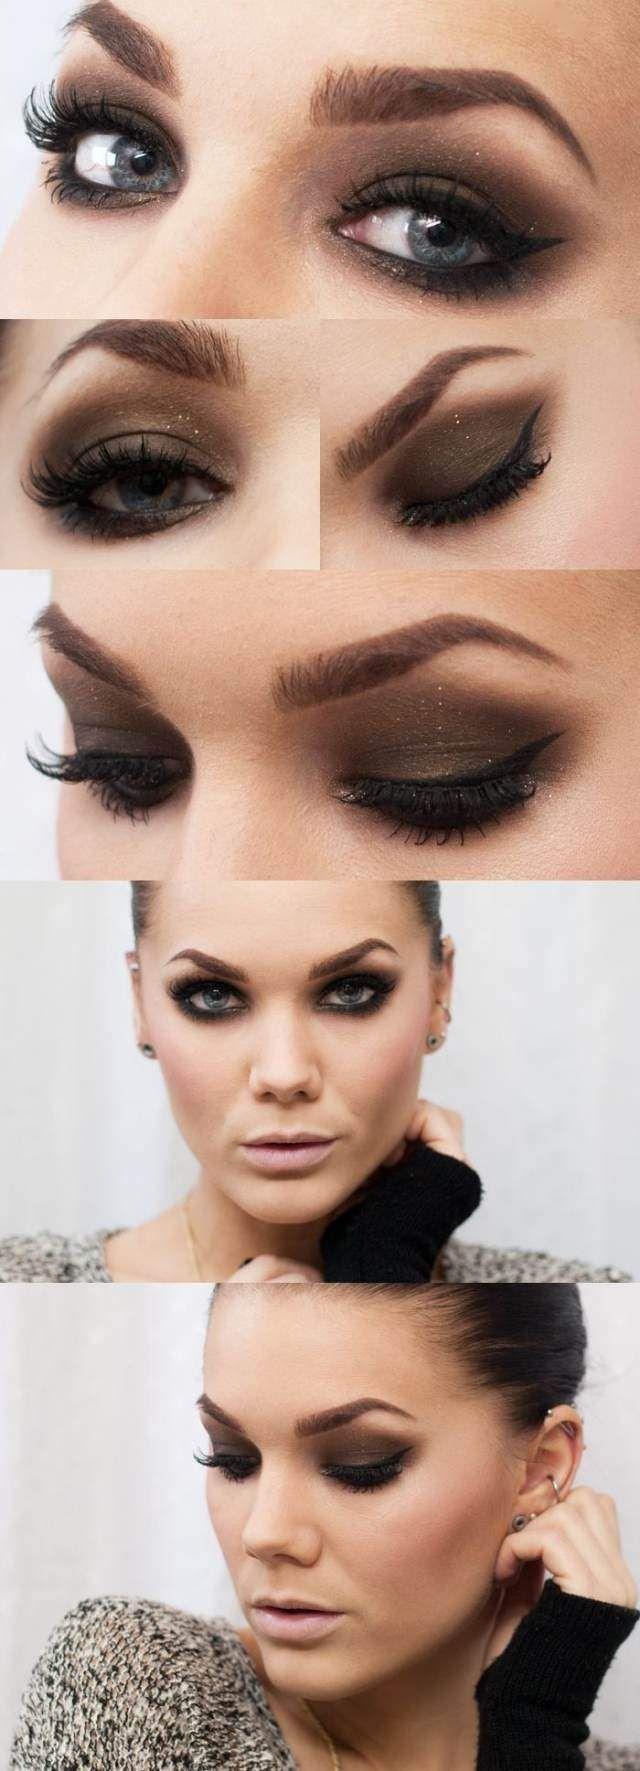 tuto-maquillage-yeux-fard-paupières-marron-foncé-mascara